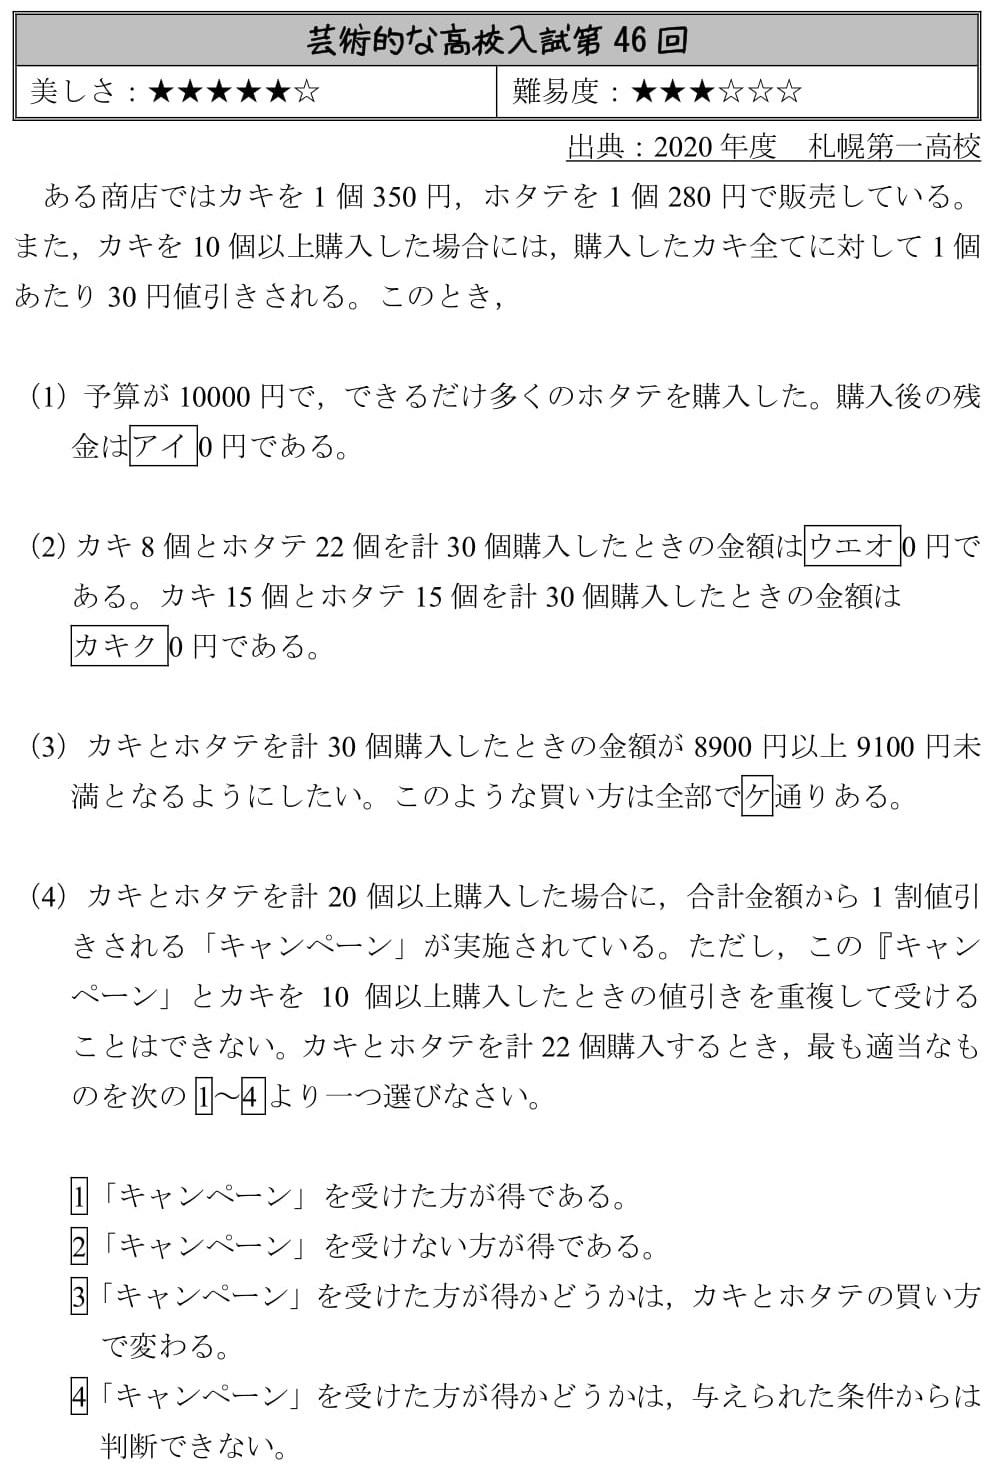 札幌第一高校 過去問 数学 2020